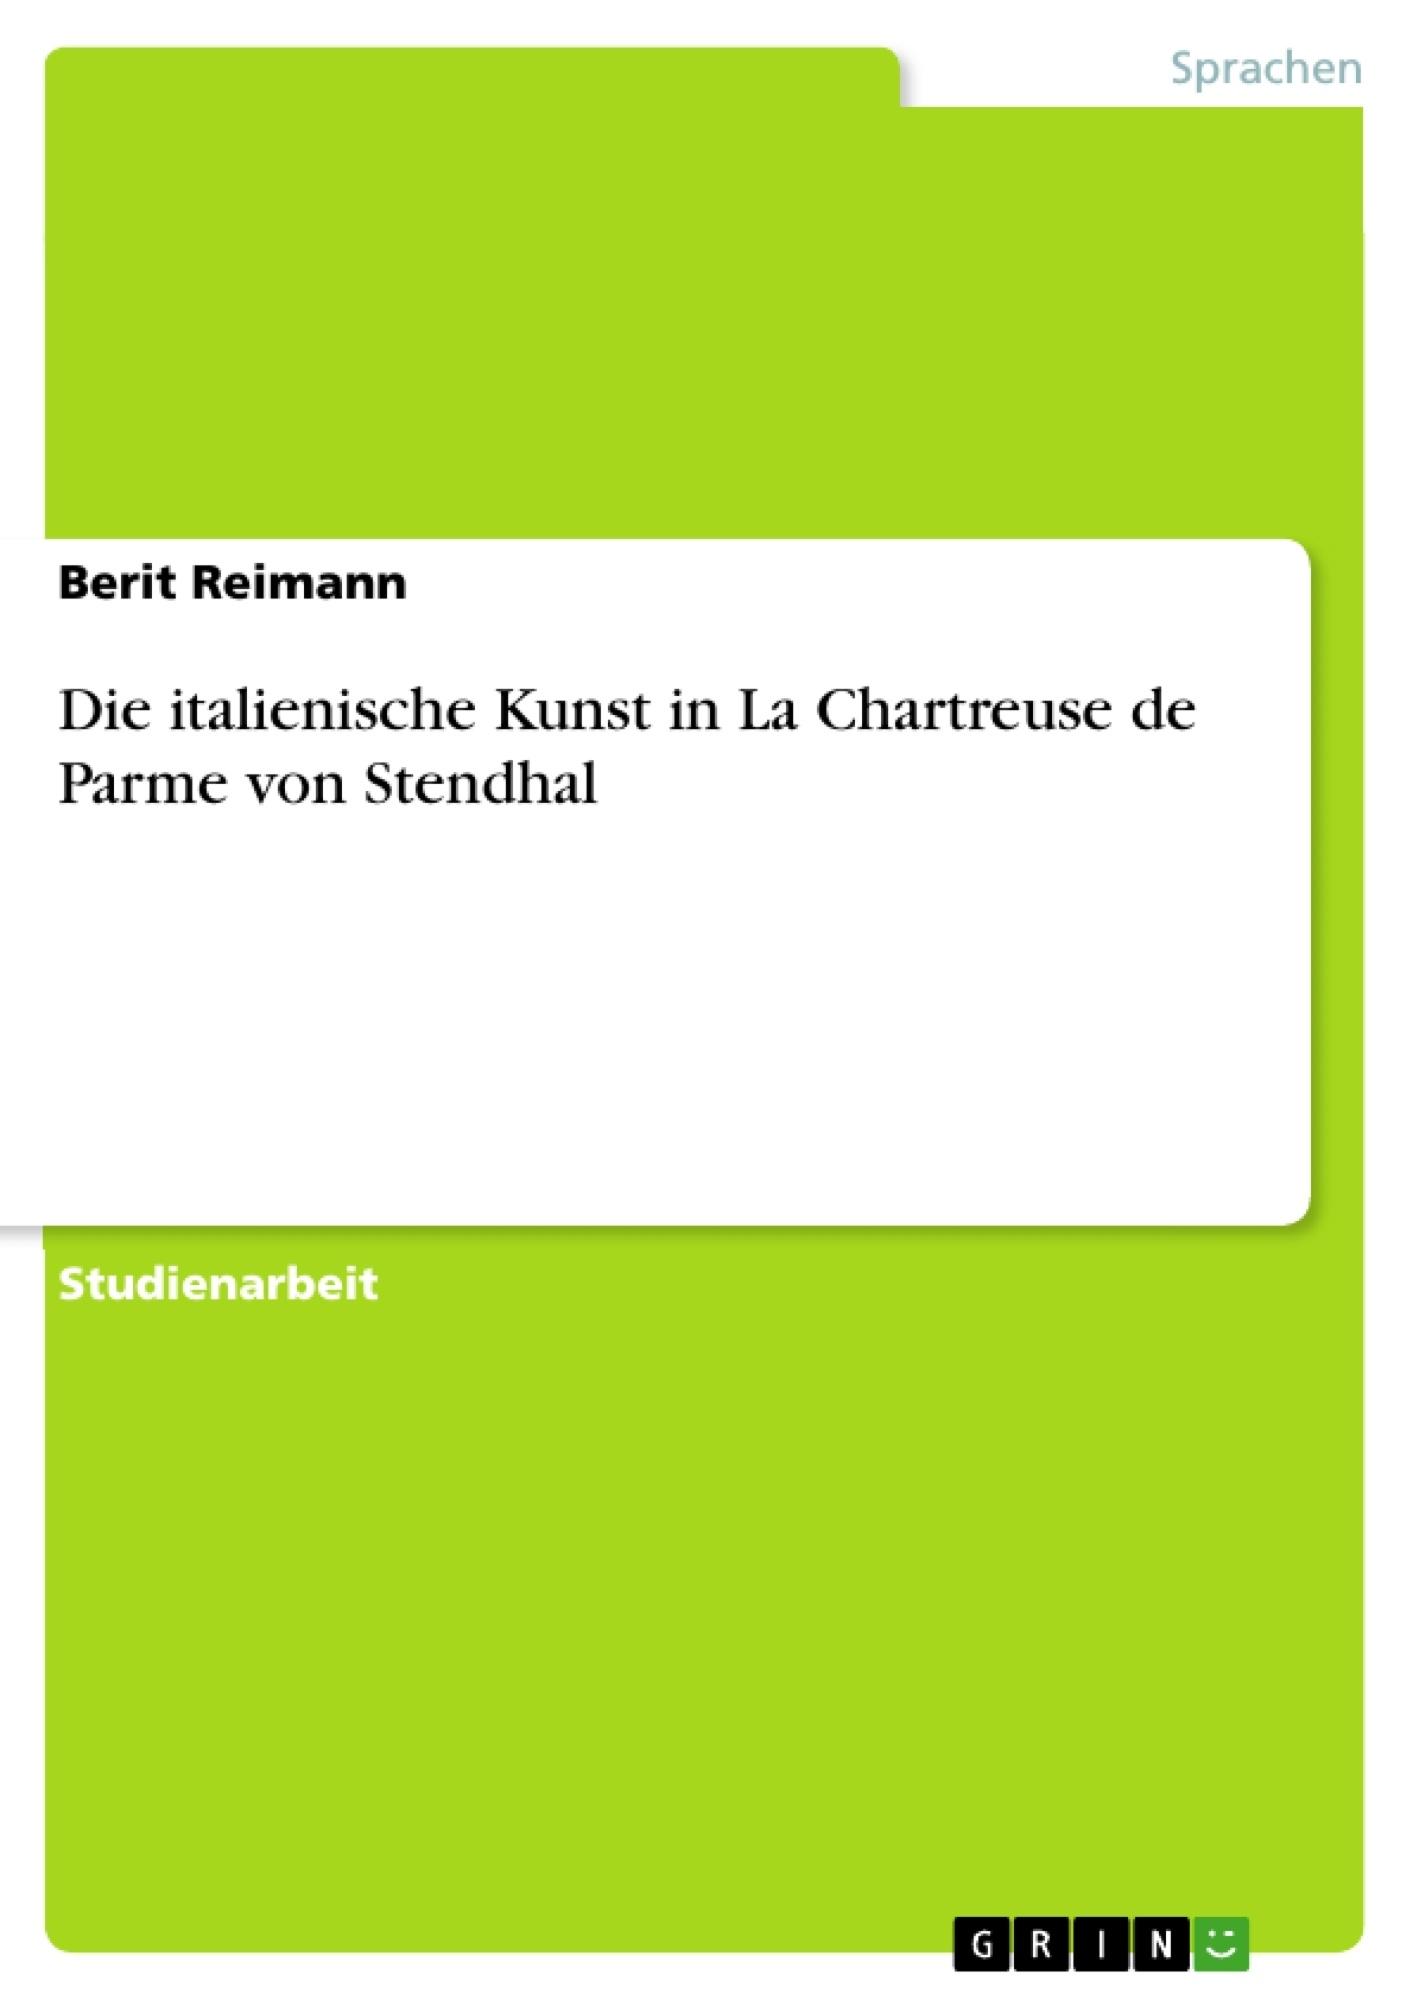 Titel: Die italienische Kunst in La Chartreuse de Parme von Stendhal